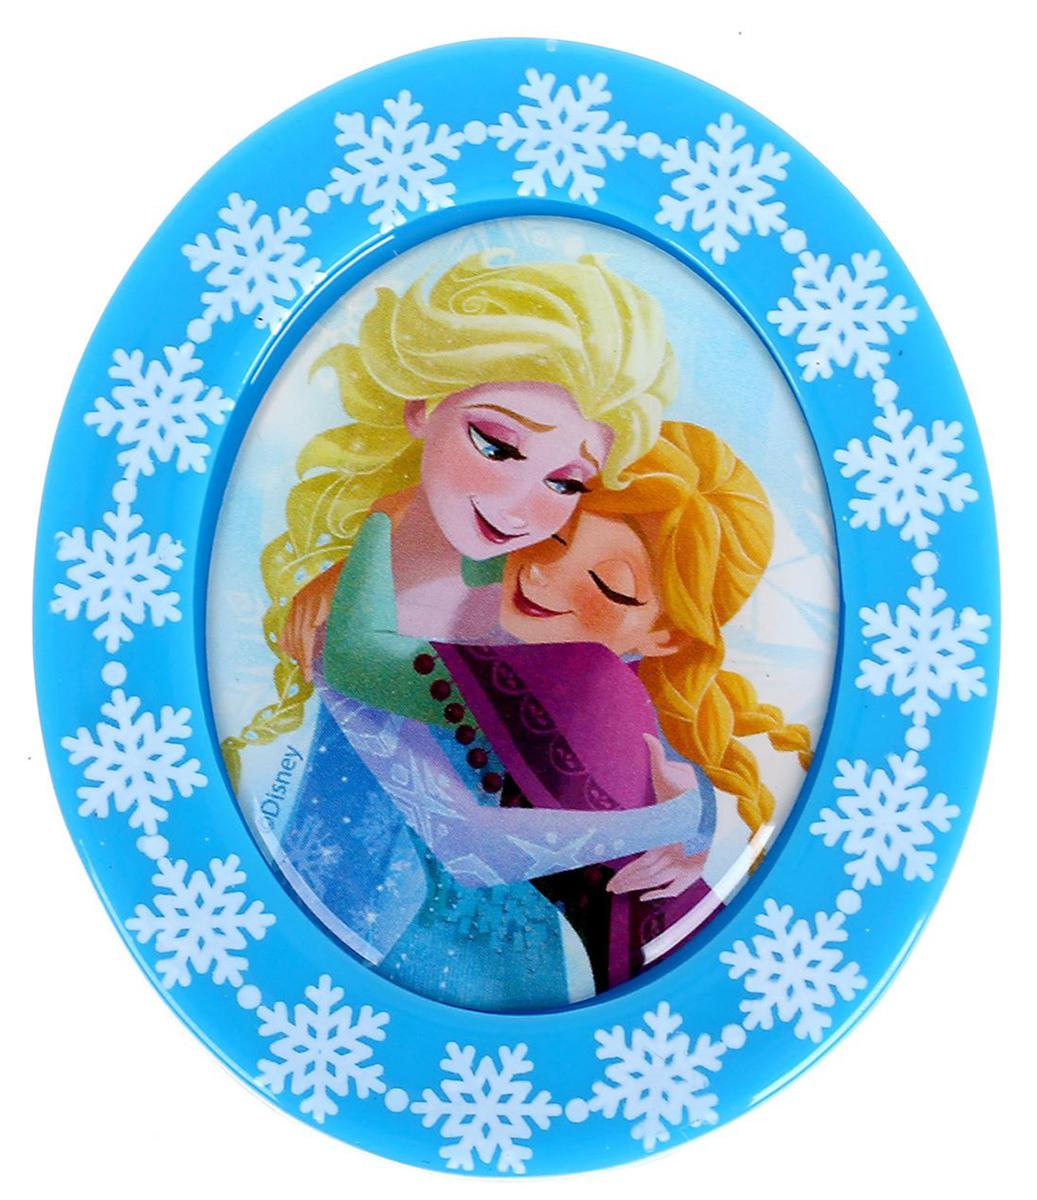 """Магнит-рамка Disney """"Анна и Эльза"""", 5,2 х 6,2 см. 1256850"""